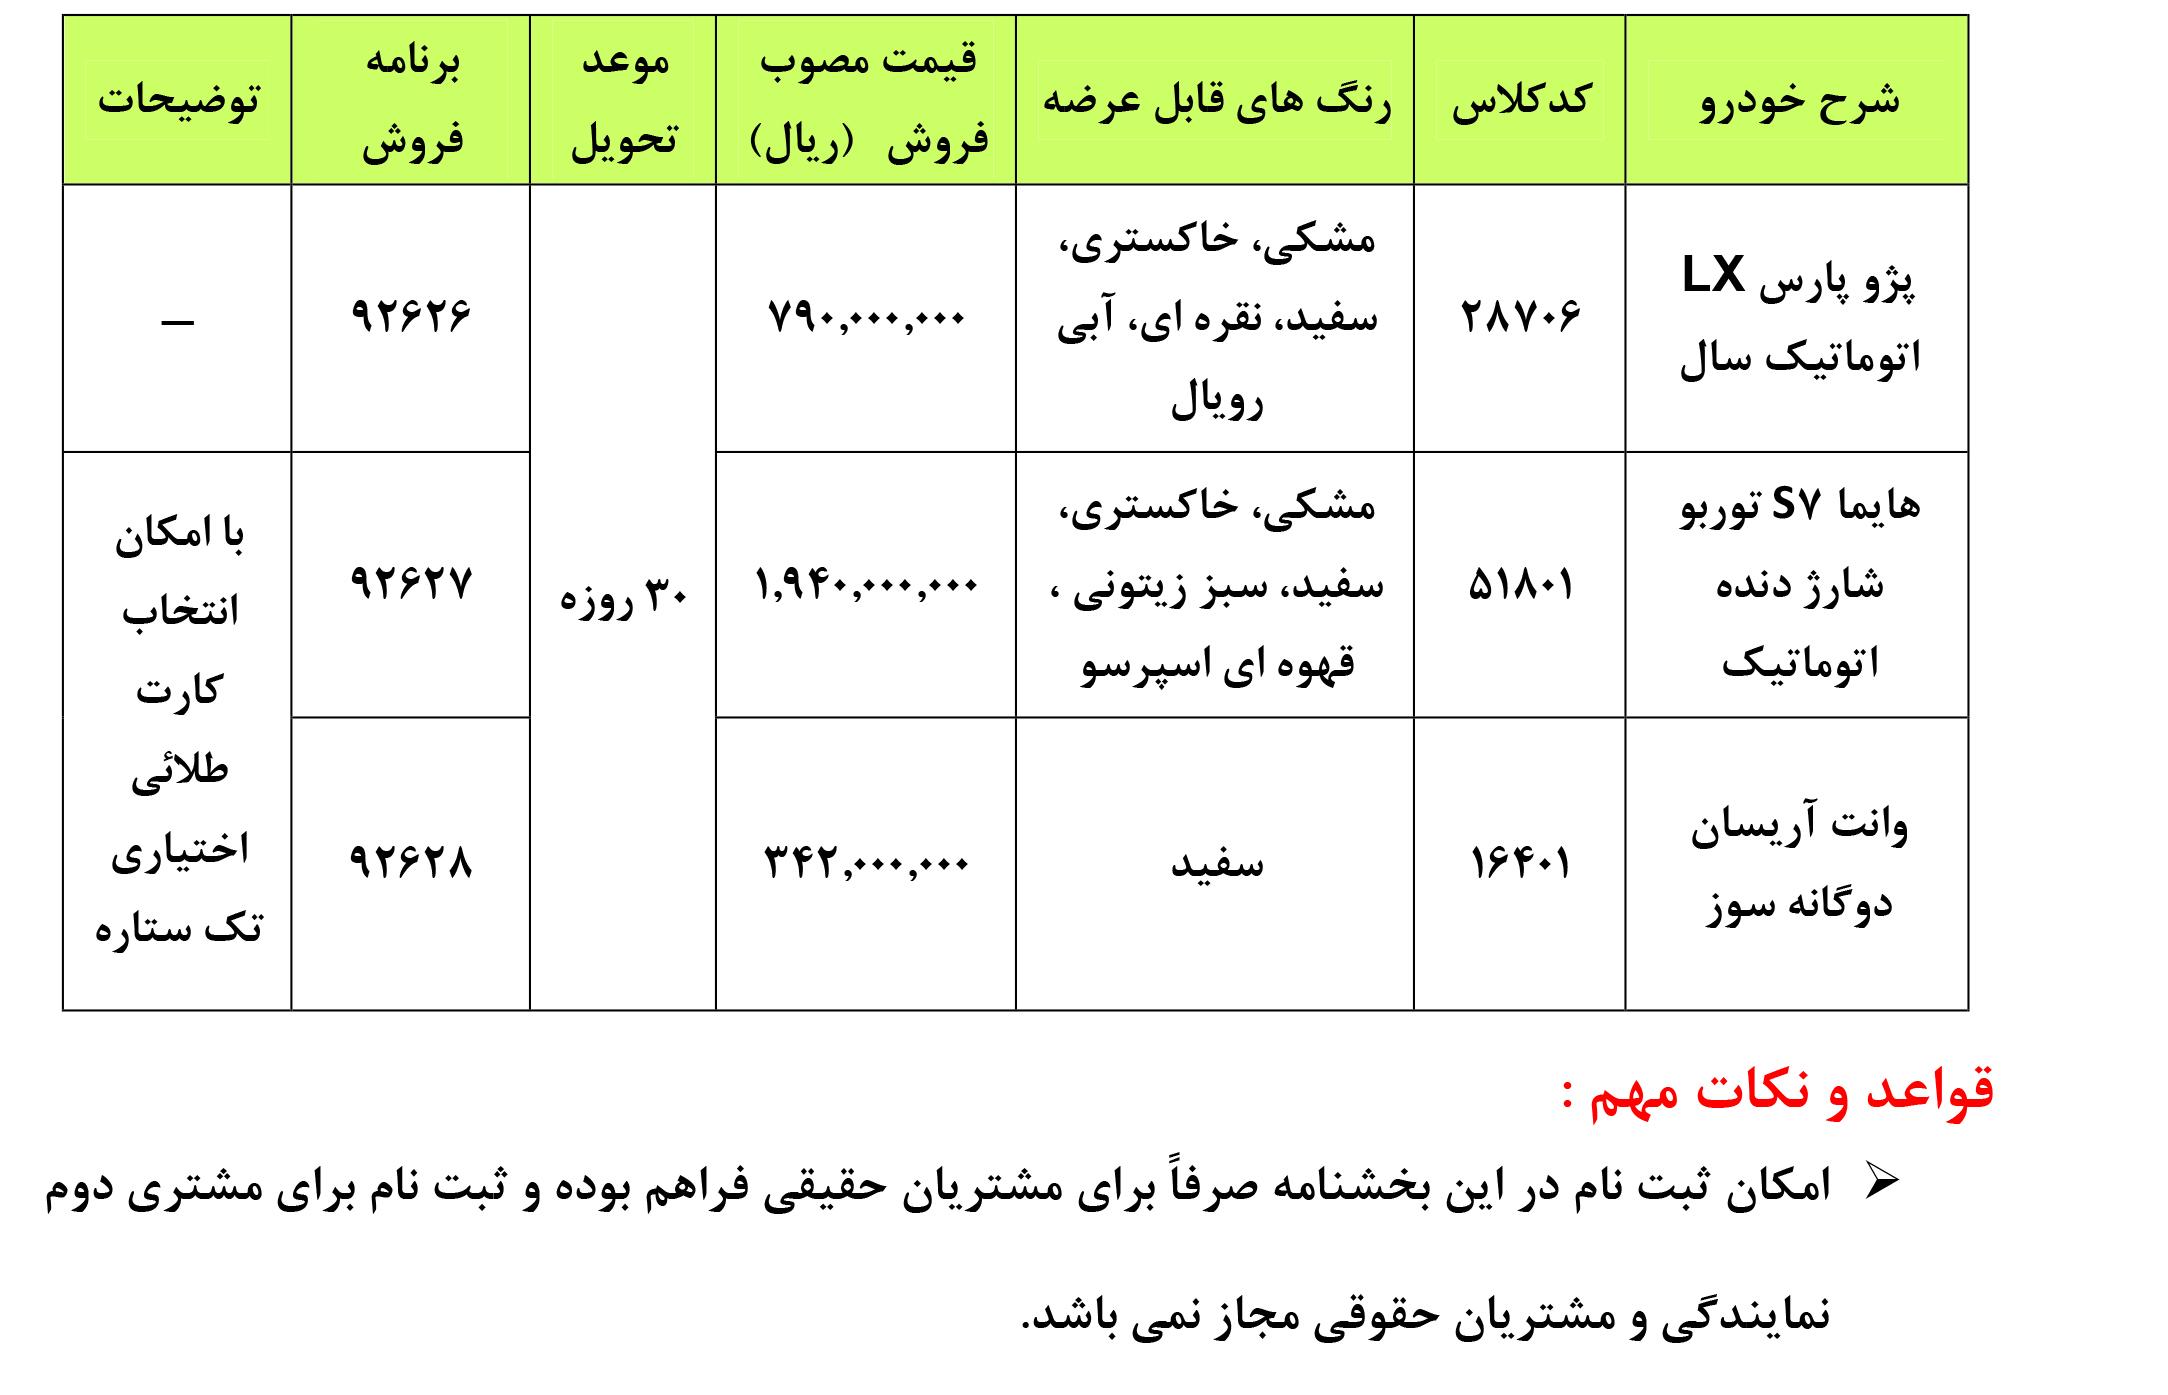 آغاز طرح فروش جدید ایران خودرو از امروز 26 آذر (از فروش فوری تا پیش فروش)